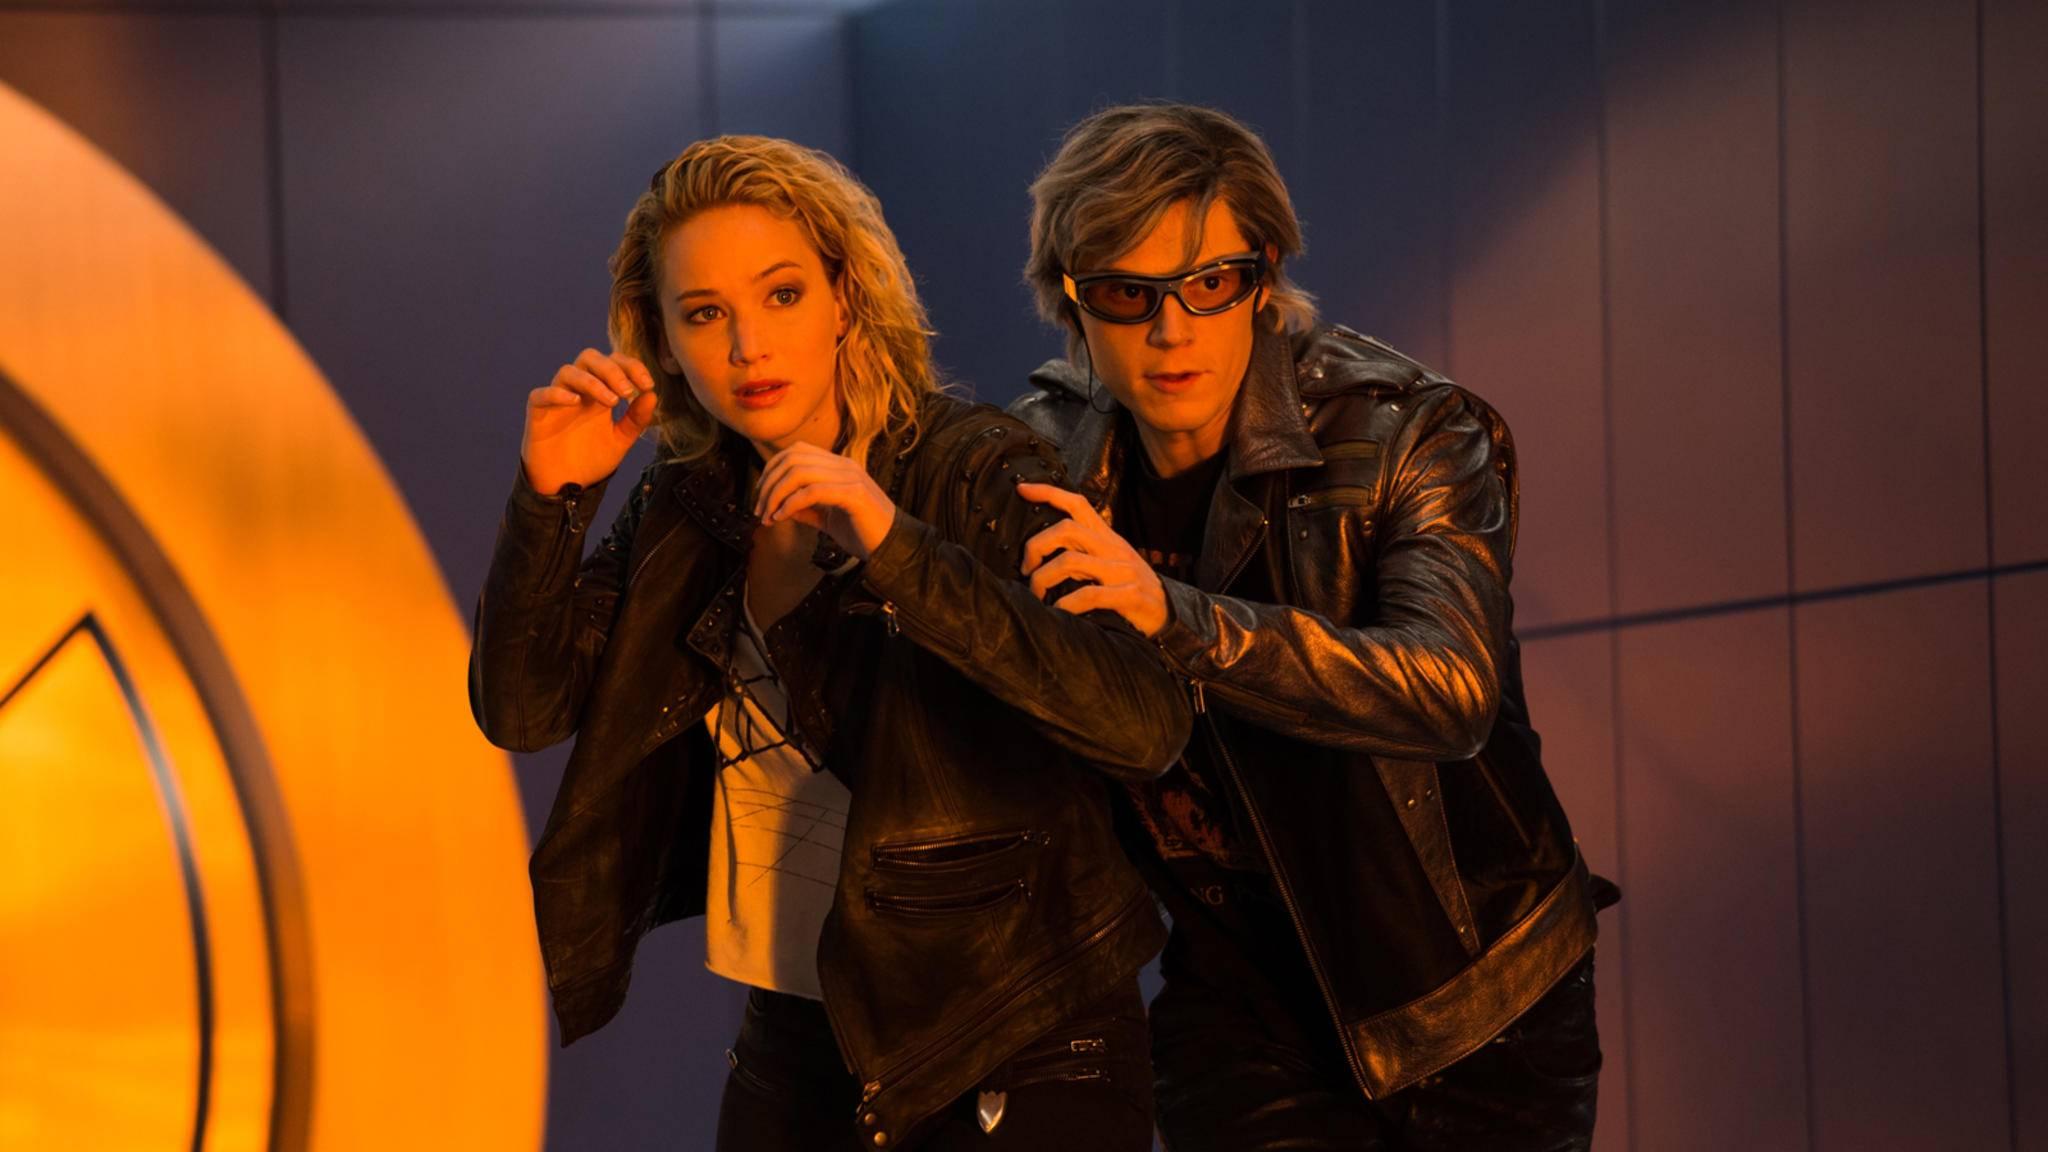 Gut festhalten! Stoßen die X-Men in Form von Quicksilver (rechts) endlich zum Marvel Cinematic Universe?